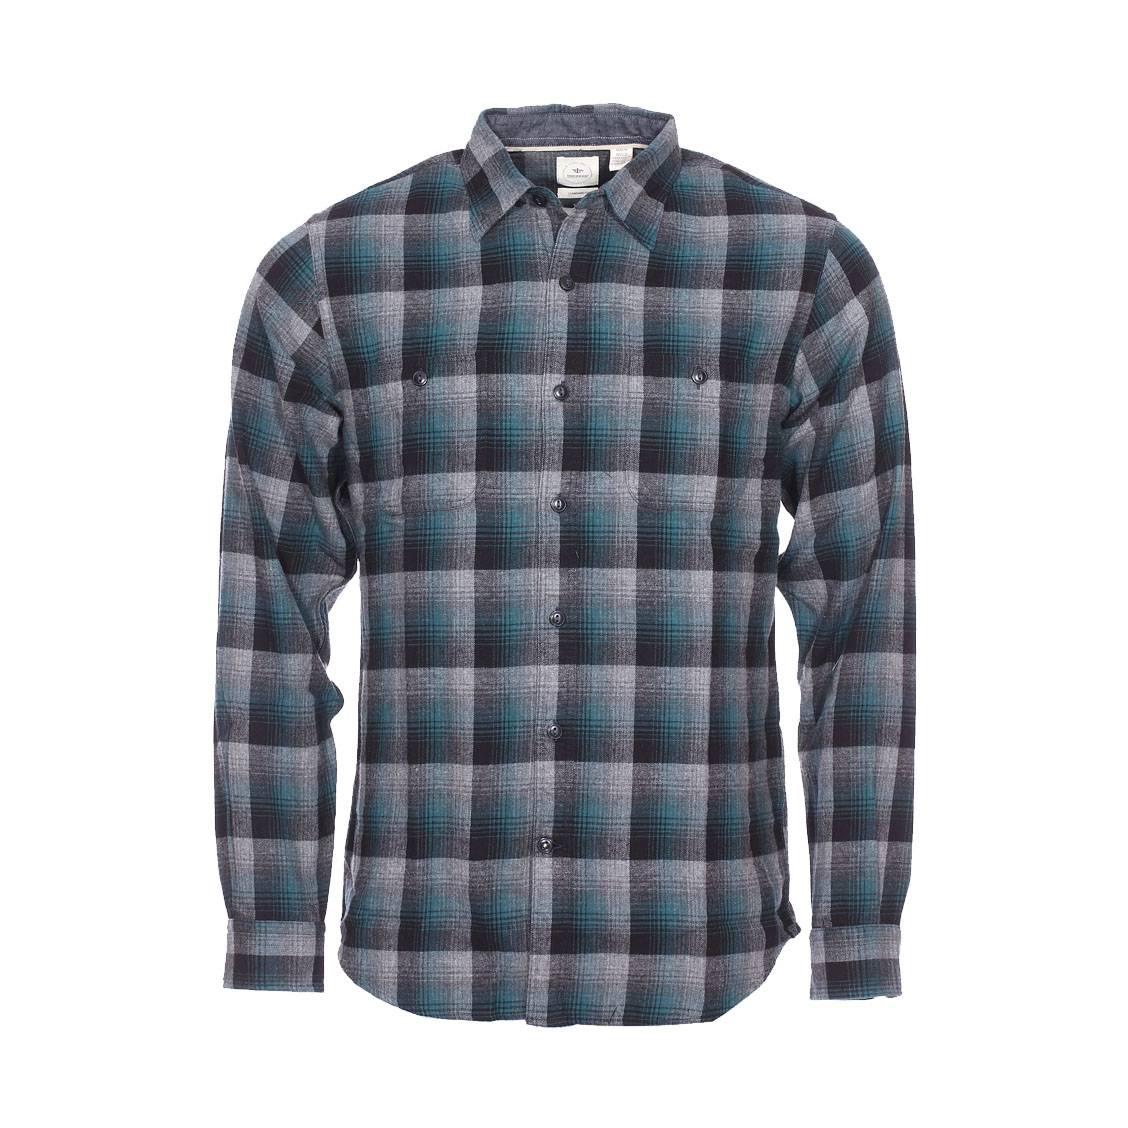 chemise droite dockers en flanelle carreaux gris noirs. Black Bedroom Furniture Sets. Home Design Ideas